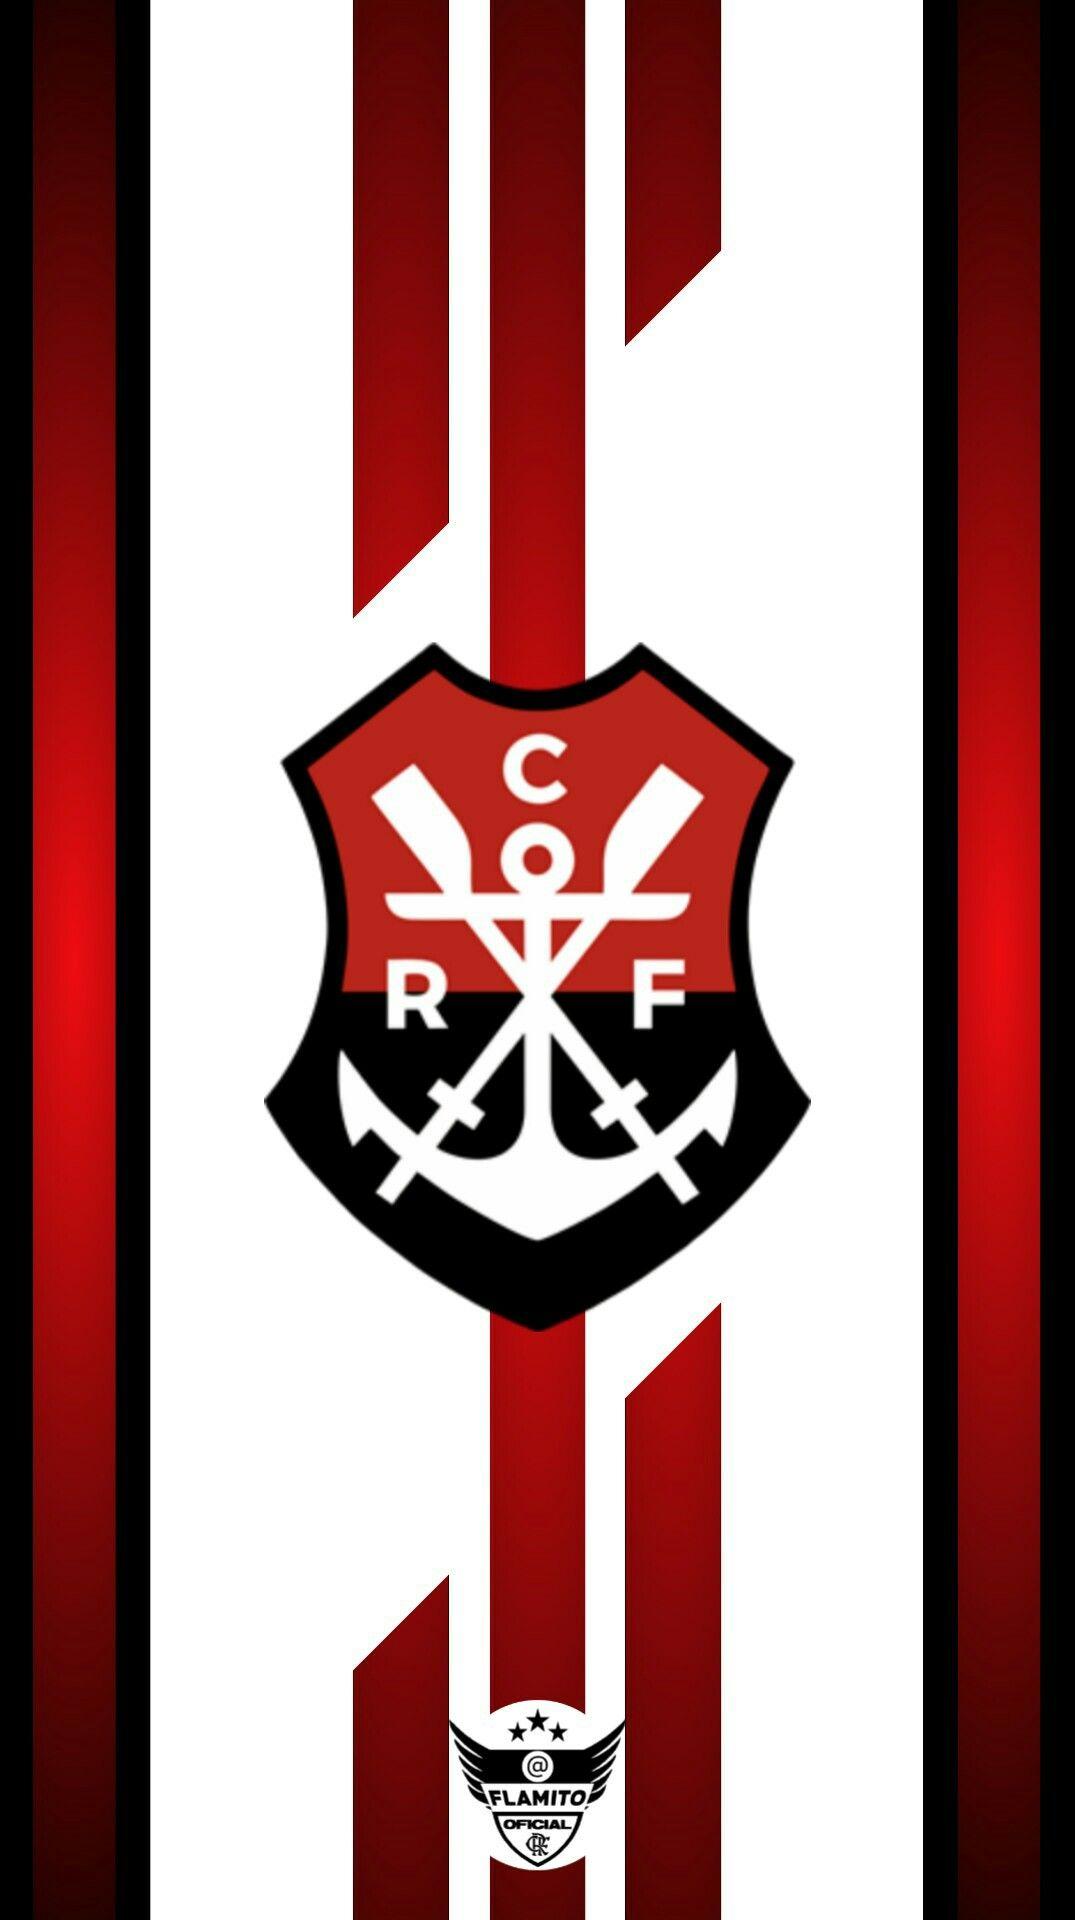 Pin De Coutinhorj Em Flamengo Fotos De Flamengo Flamengo